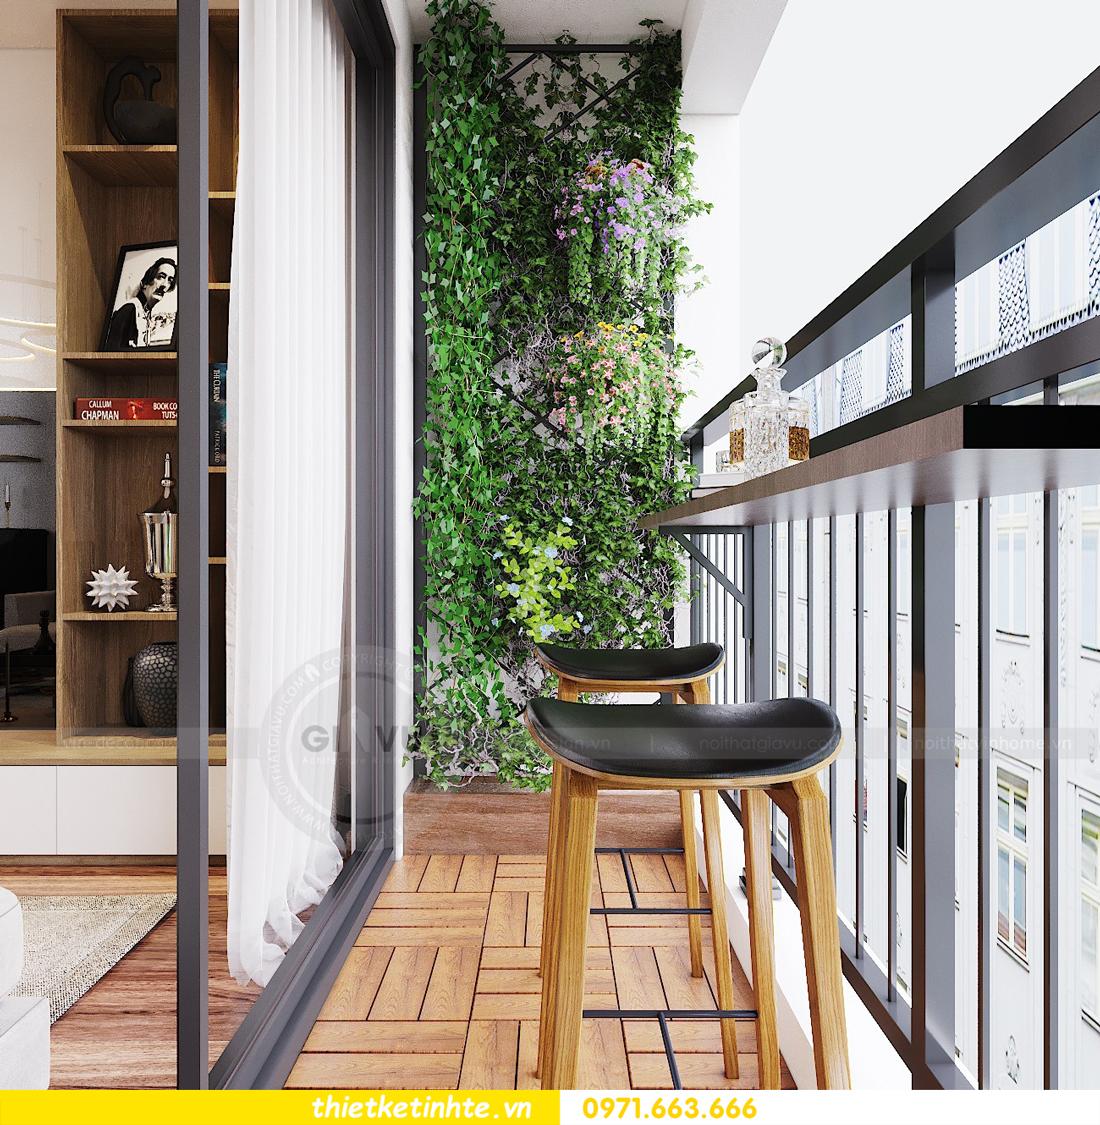 thiết kế nội thất chung cư Ngoại Giao Đoàn N01 T5 anh Dương 06